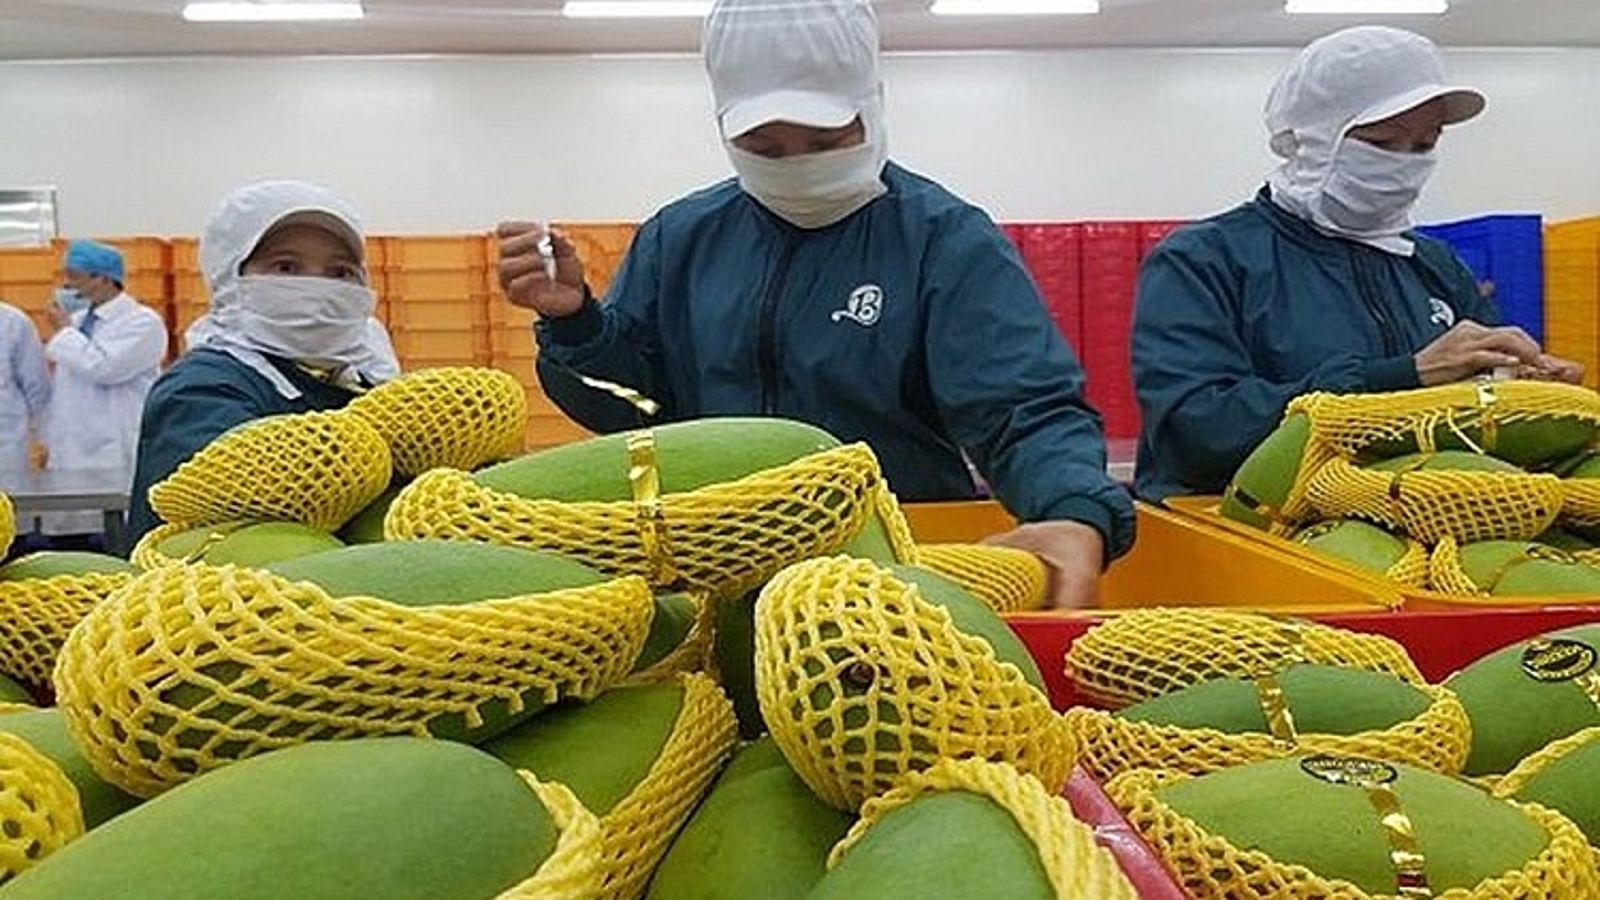 Chuyên gia kiểm dịch xuất khẩu trái cây Hoa Kỳ sẽ đến Việt Nam vào 2/9